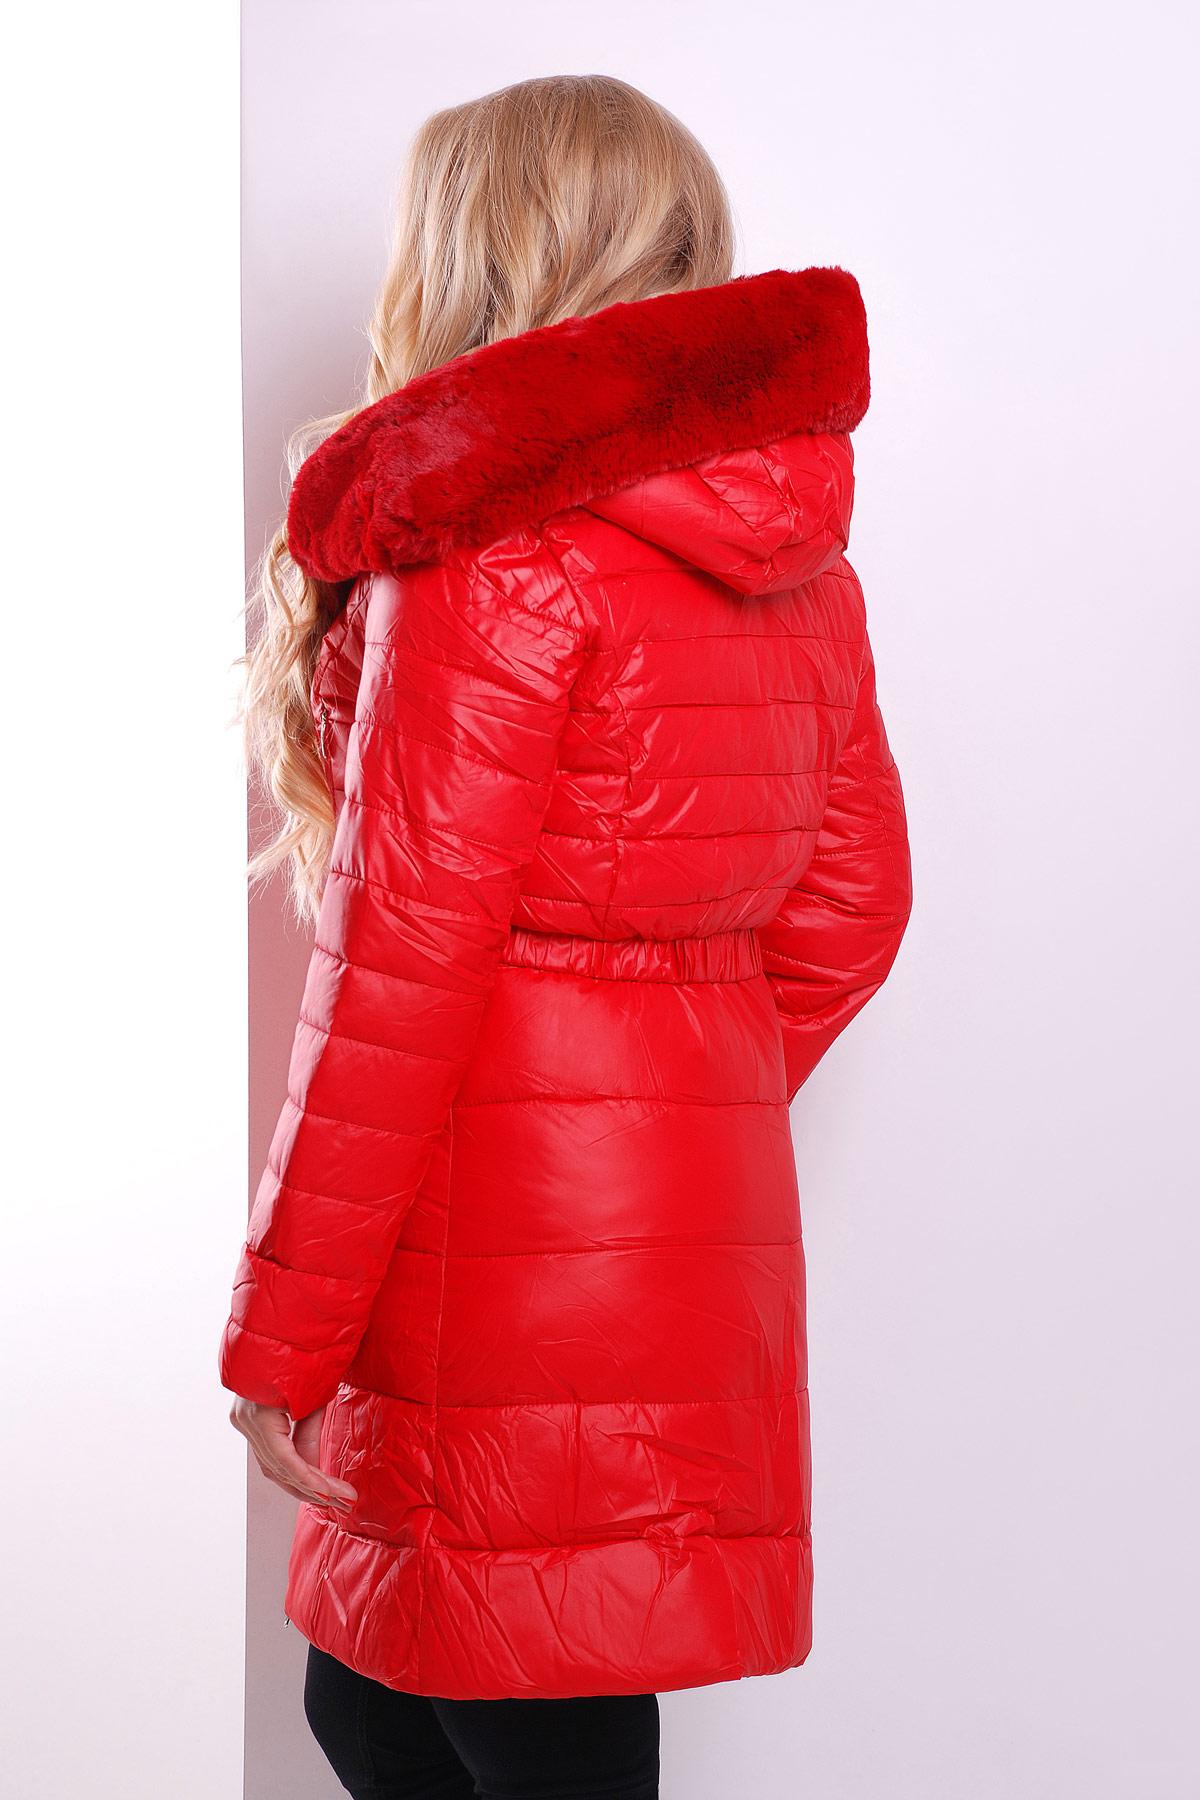 a9c4e9b02b3 Зимняя куртка-двойка красного цвета. Куртка 13. Цвет  красный купить